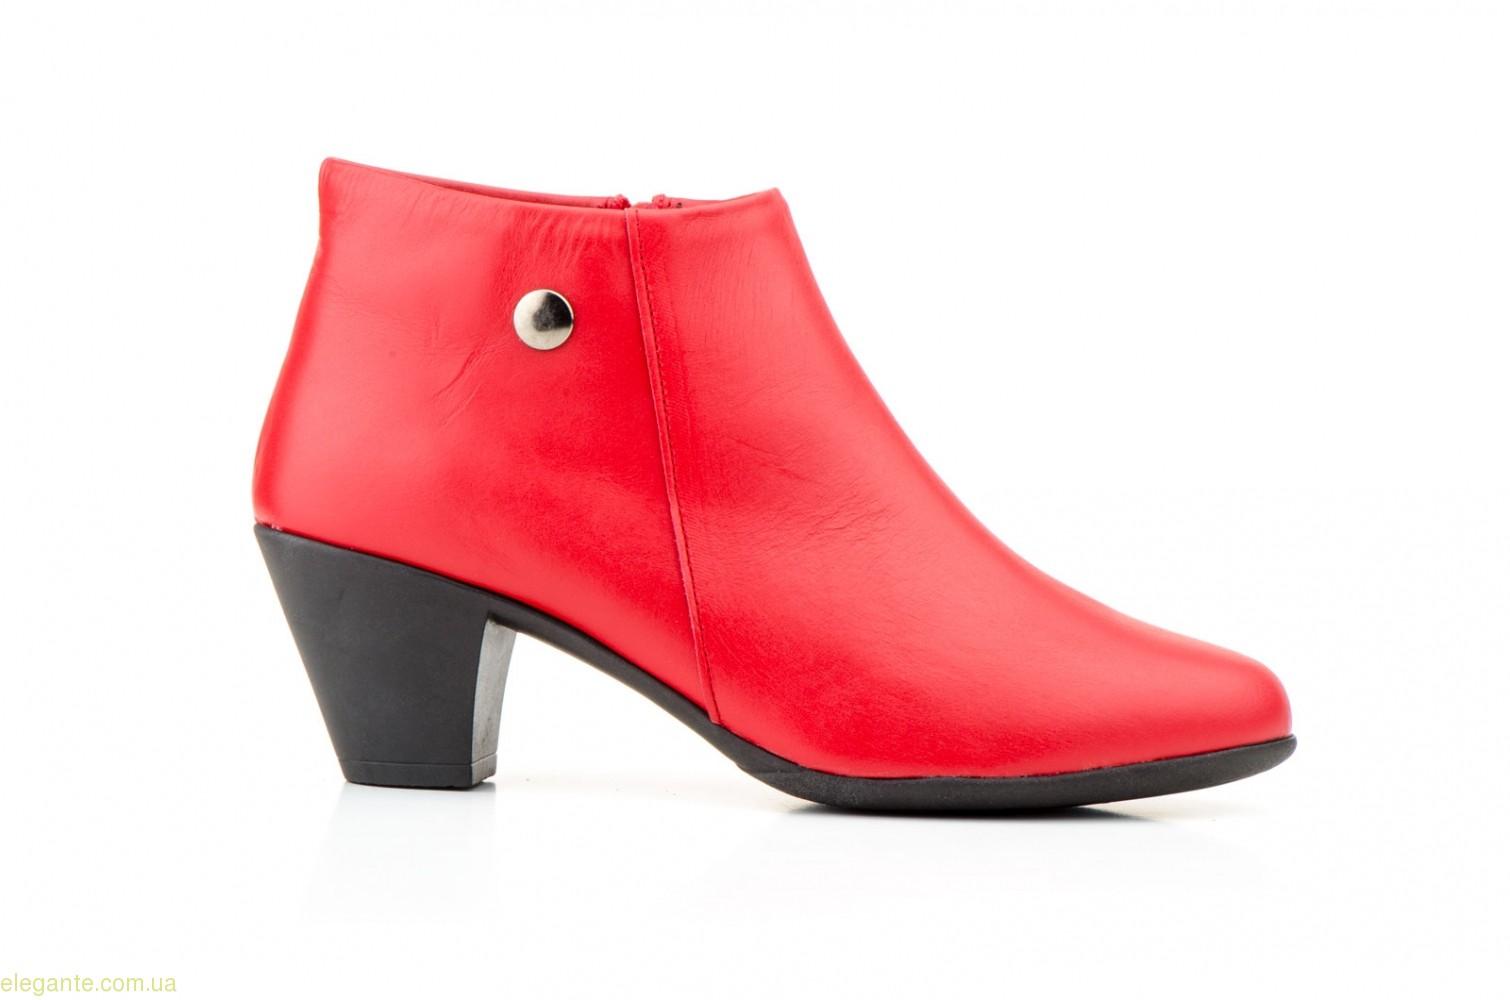 Жіночі черевички CUTILLAS1 червоні 0